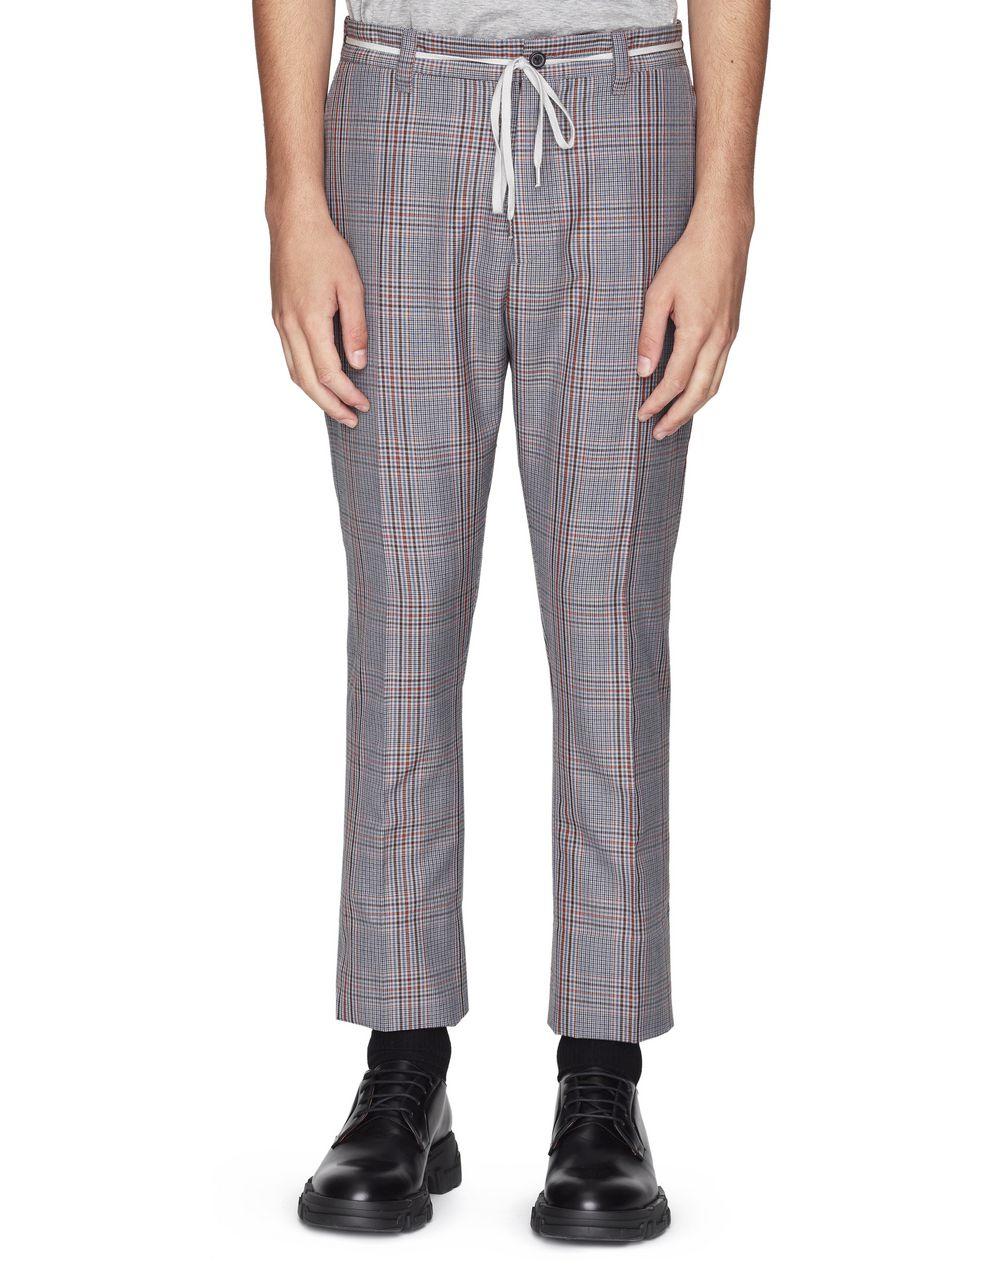 Pantalon en laine grise à carreaux Lanvin Prix €675